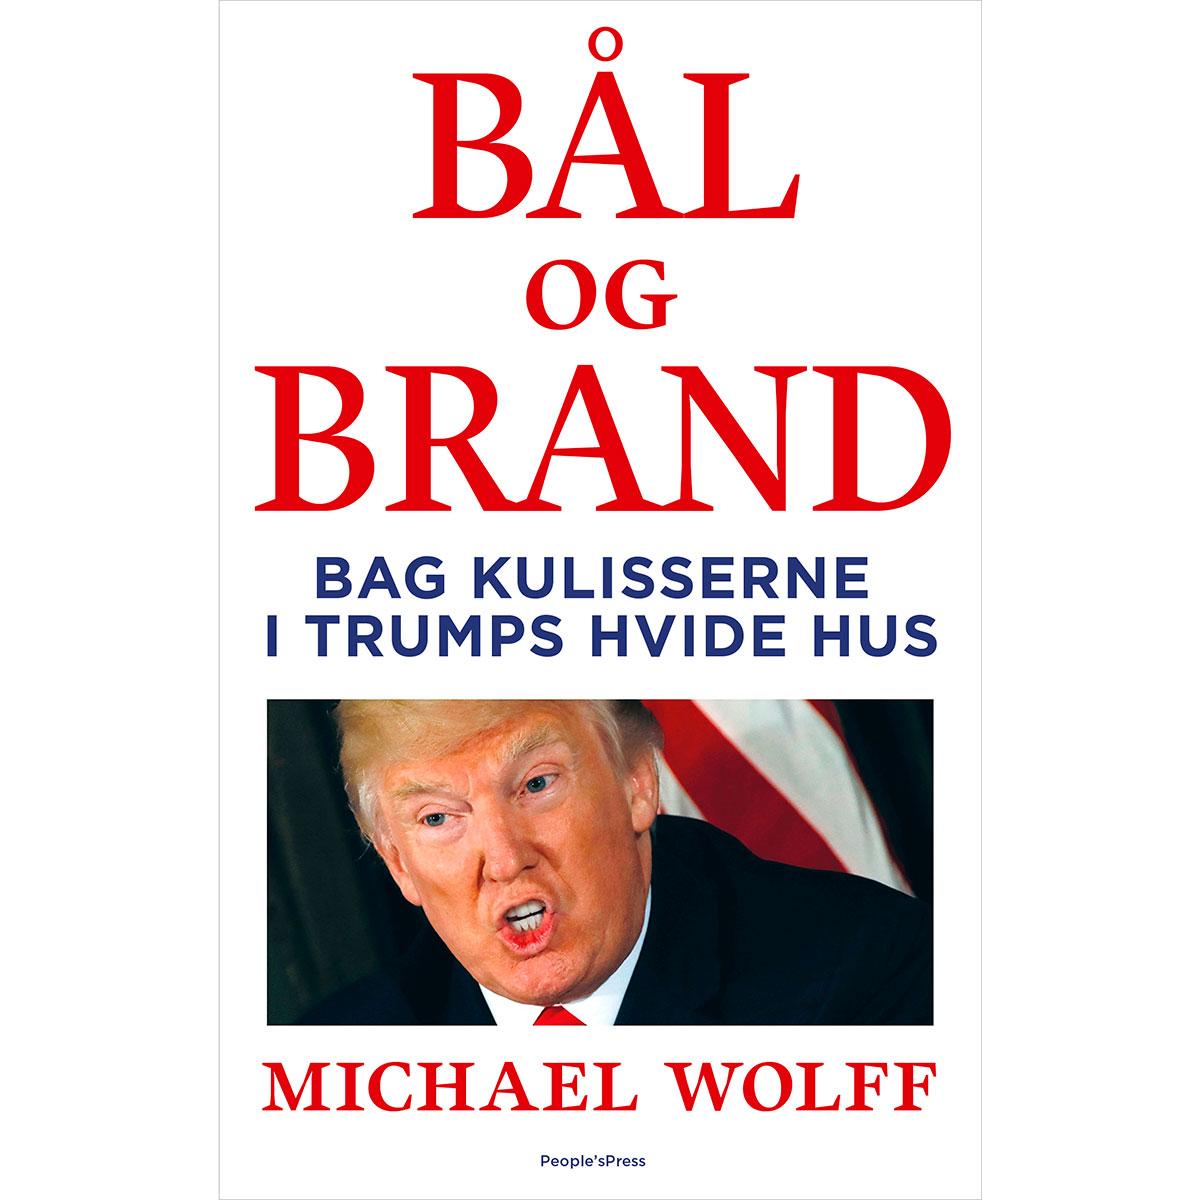 Billede af Bål og brand - Bag kulisserne i Trumps hvide hus - Hæftet